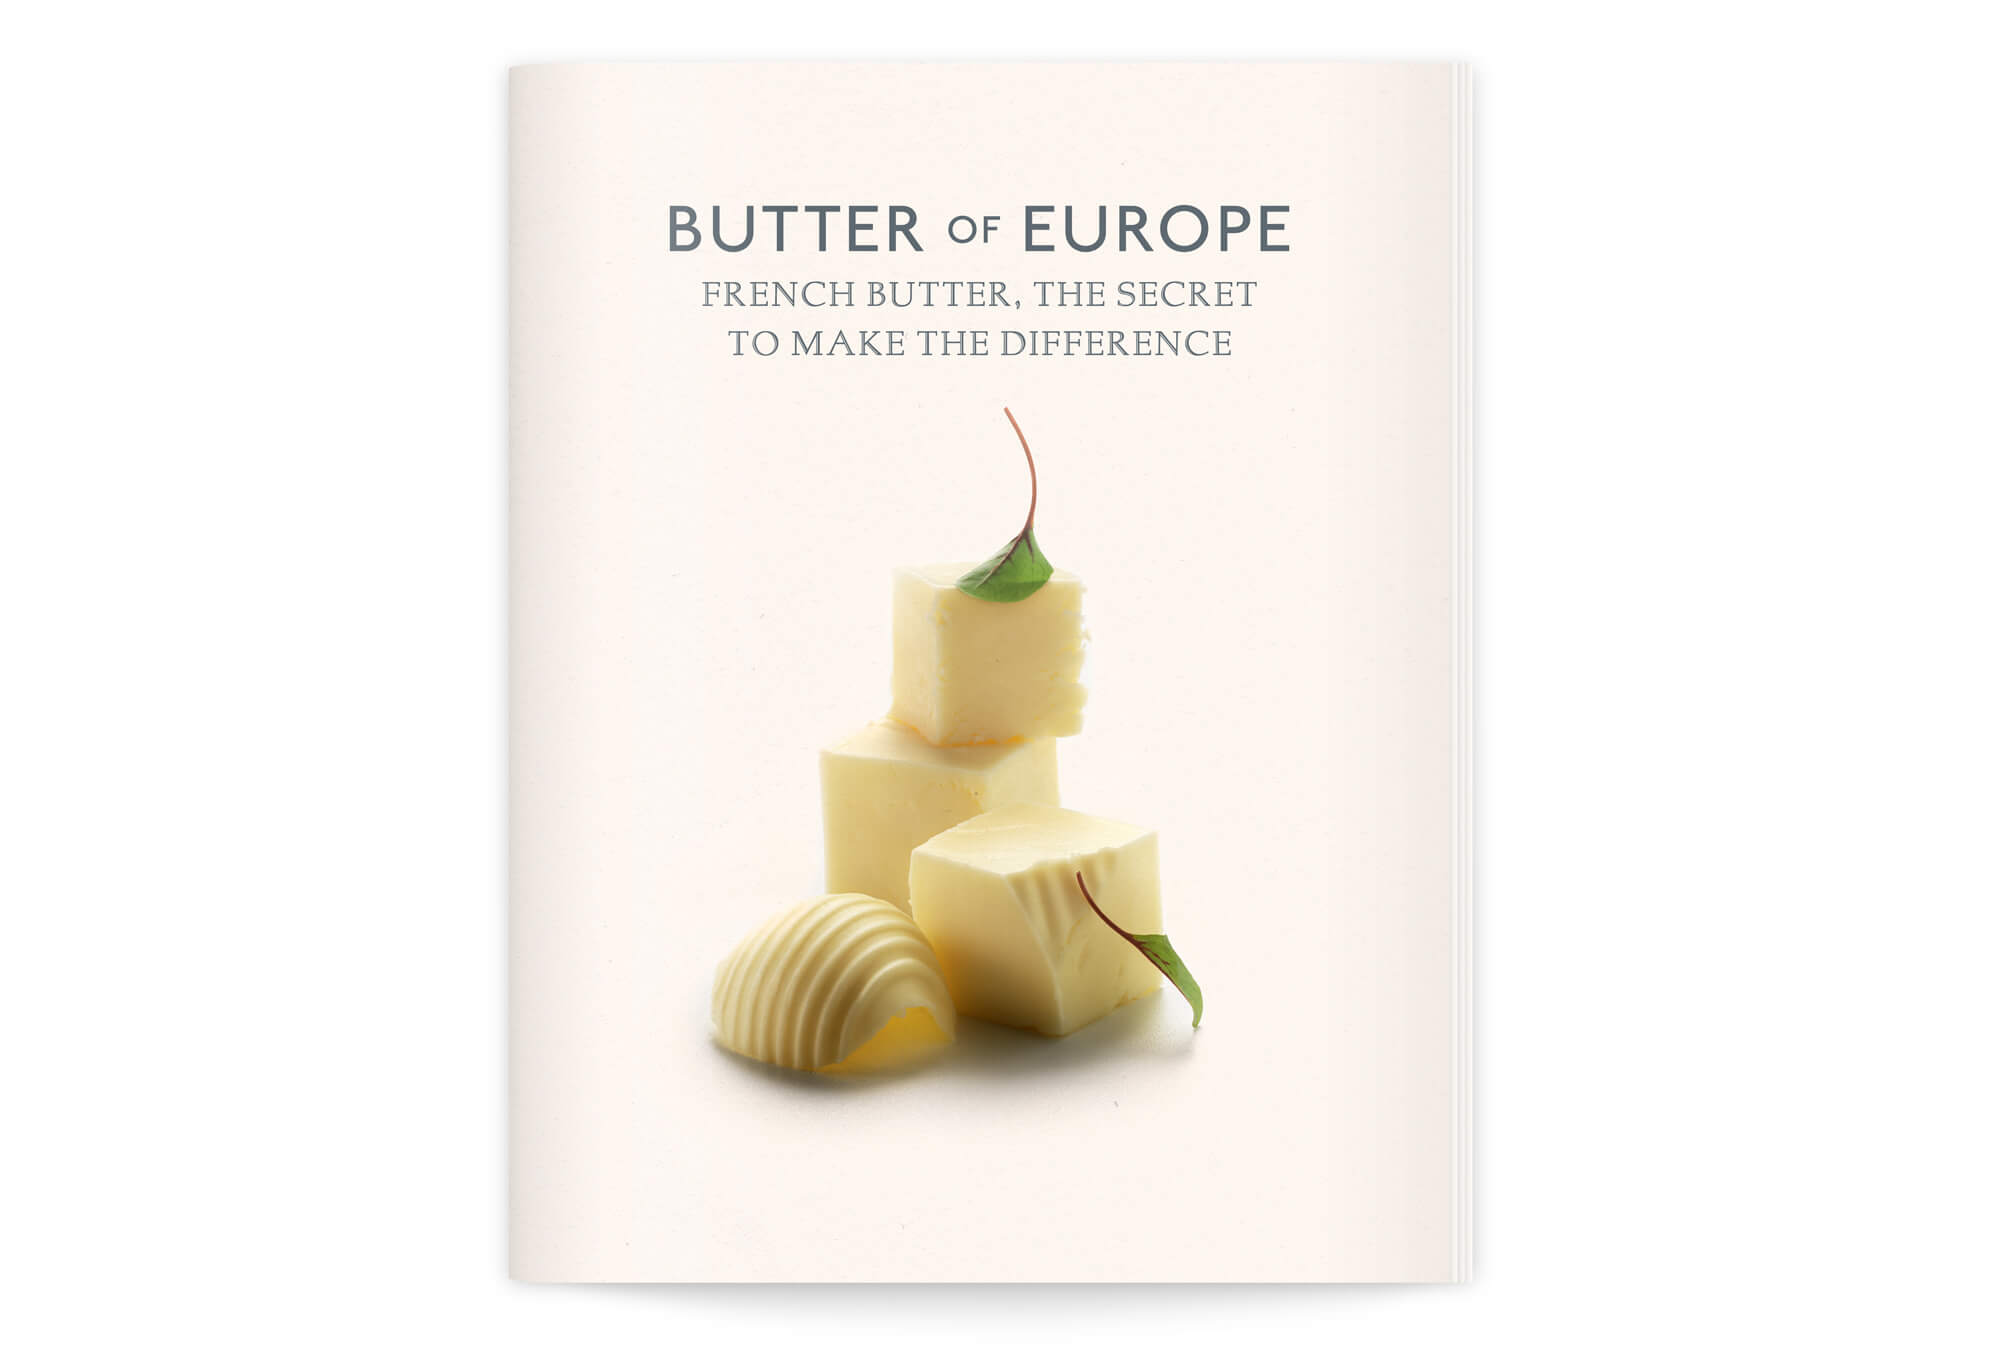 Photographie claire, de beurre sur fond neutre, dans un style naturel, pour la couverture de cette brochure commandée par le cniel au bureau IchetKar.